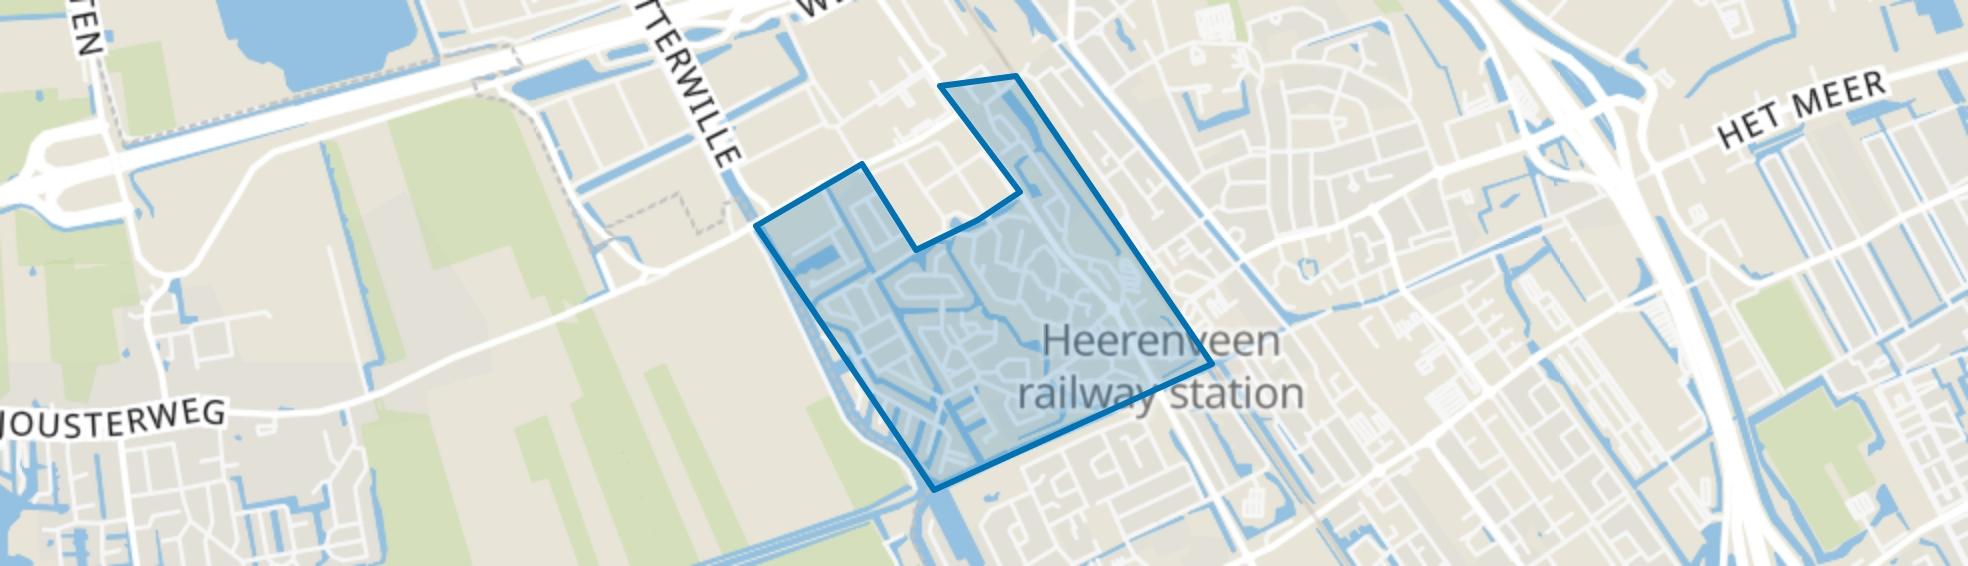 Nijehaske, Heerenveen map